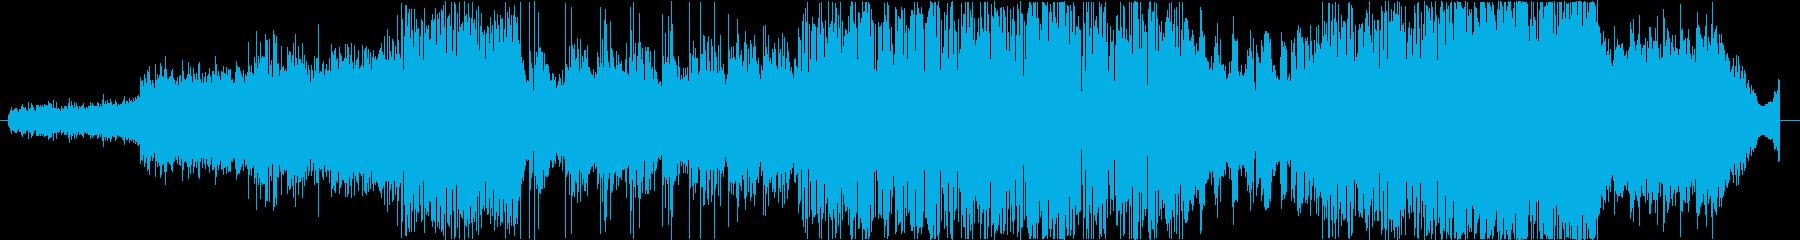 シンセとギターの無重力系フュージョンの再生済みの波形